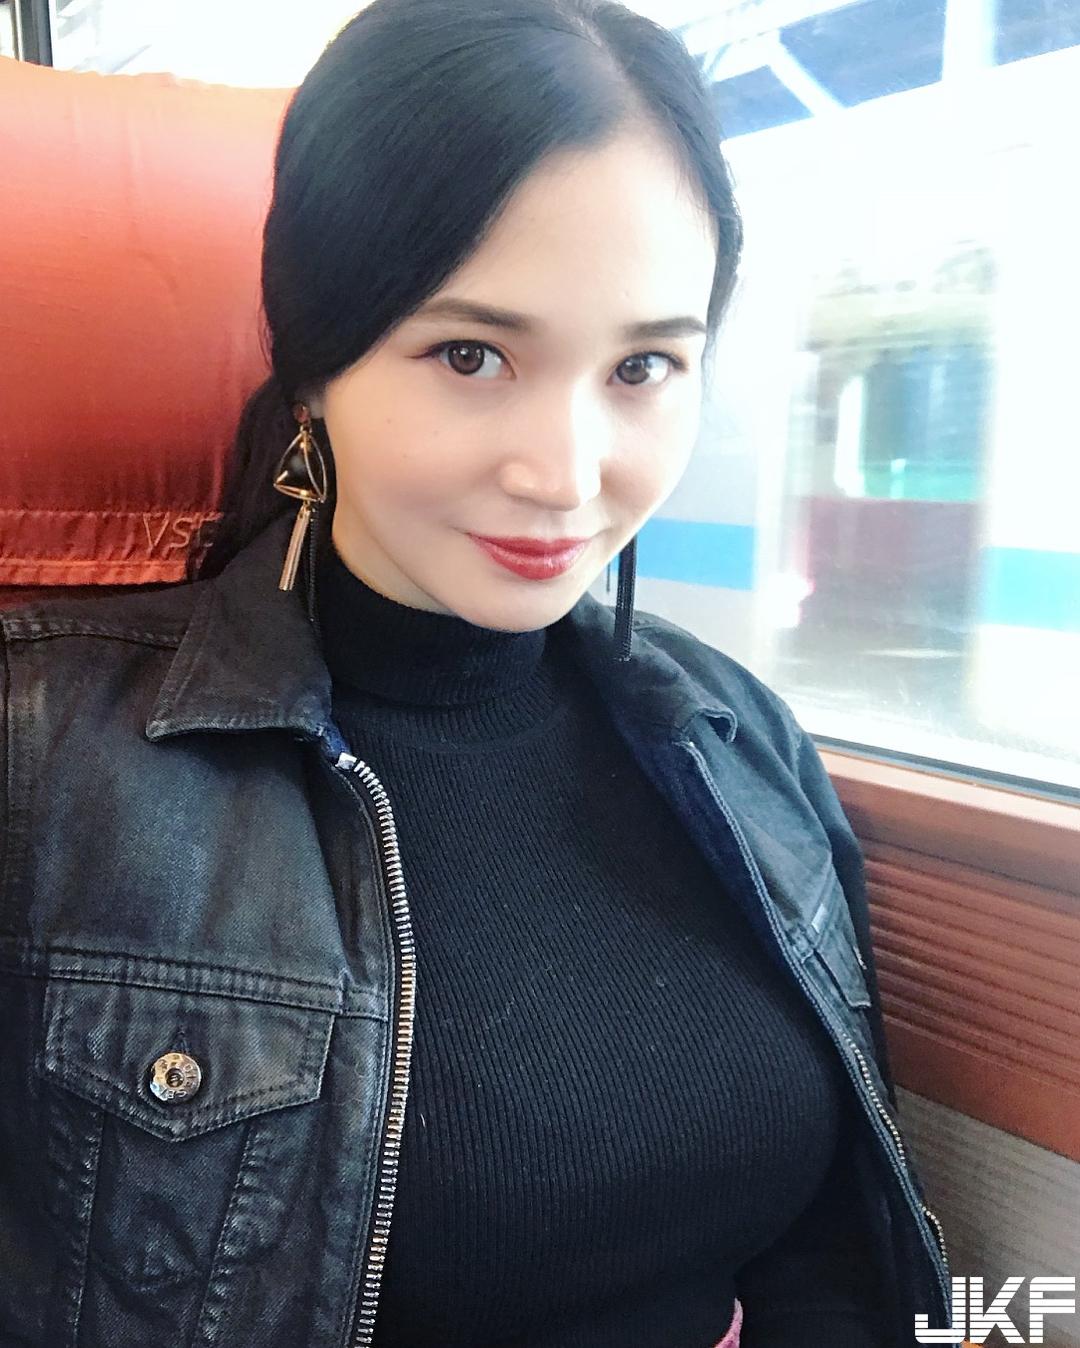 美乳美尻 Miina cos 護士性感爆乳 超吸睛 - 素人正妹 -